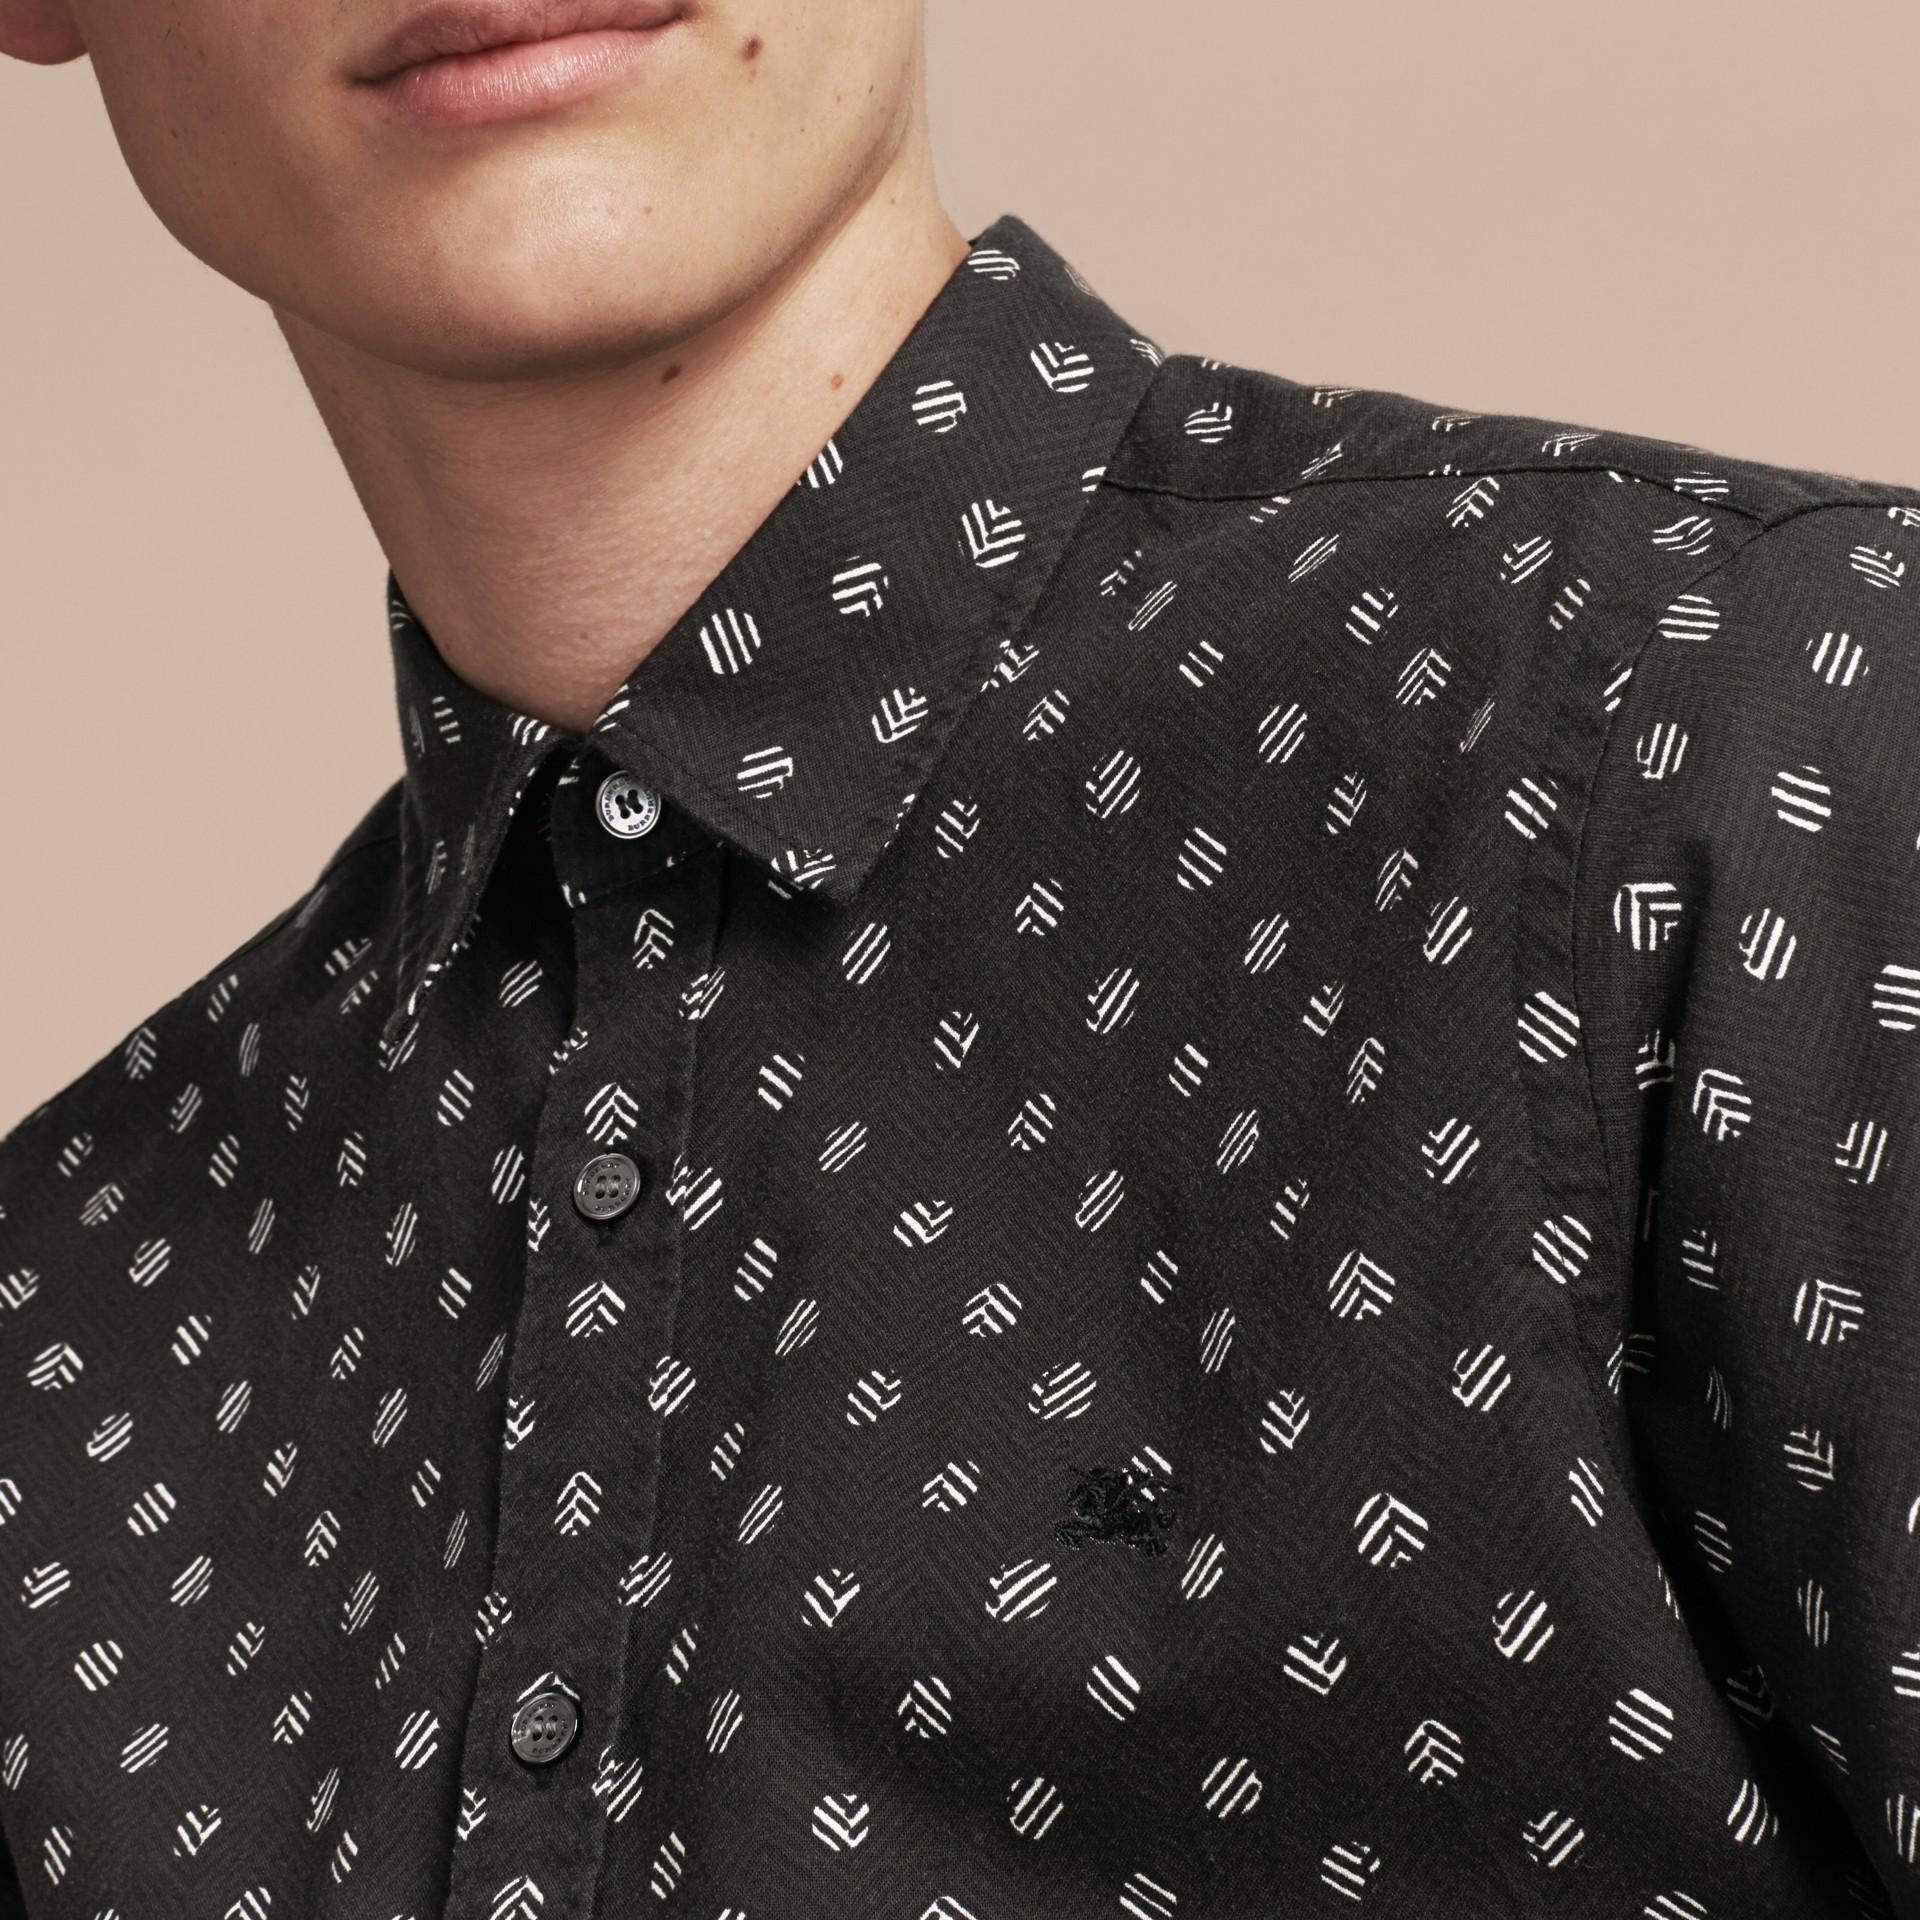 Черный Рубашка с короткими рукавами - изображение 5